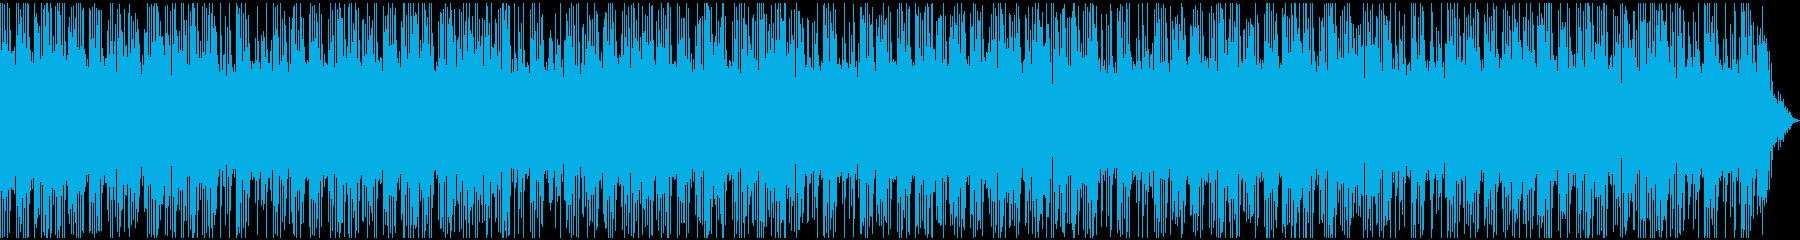 中国雑技団のようなエキサイティングBGMの再生済みの波形